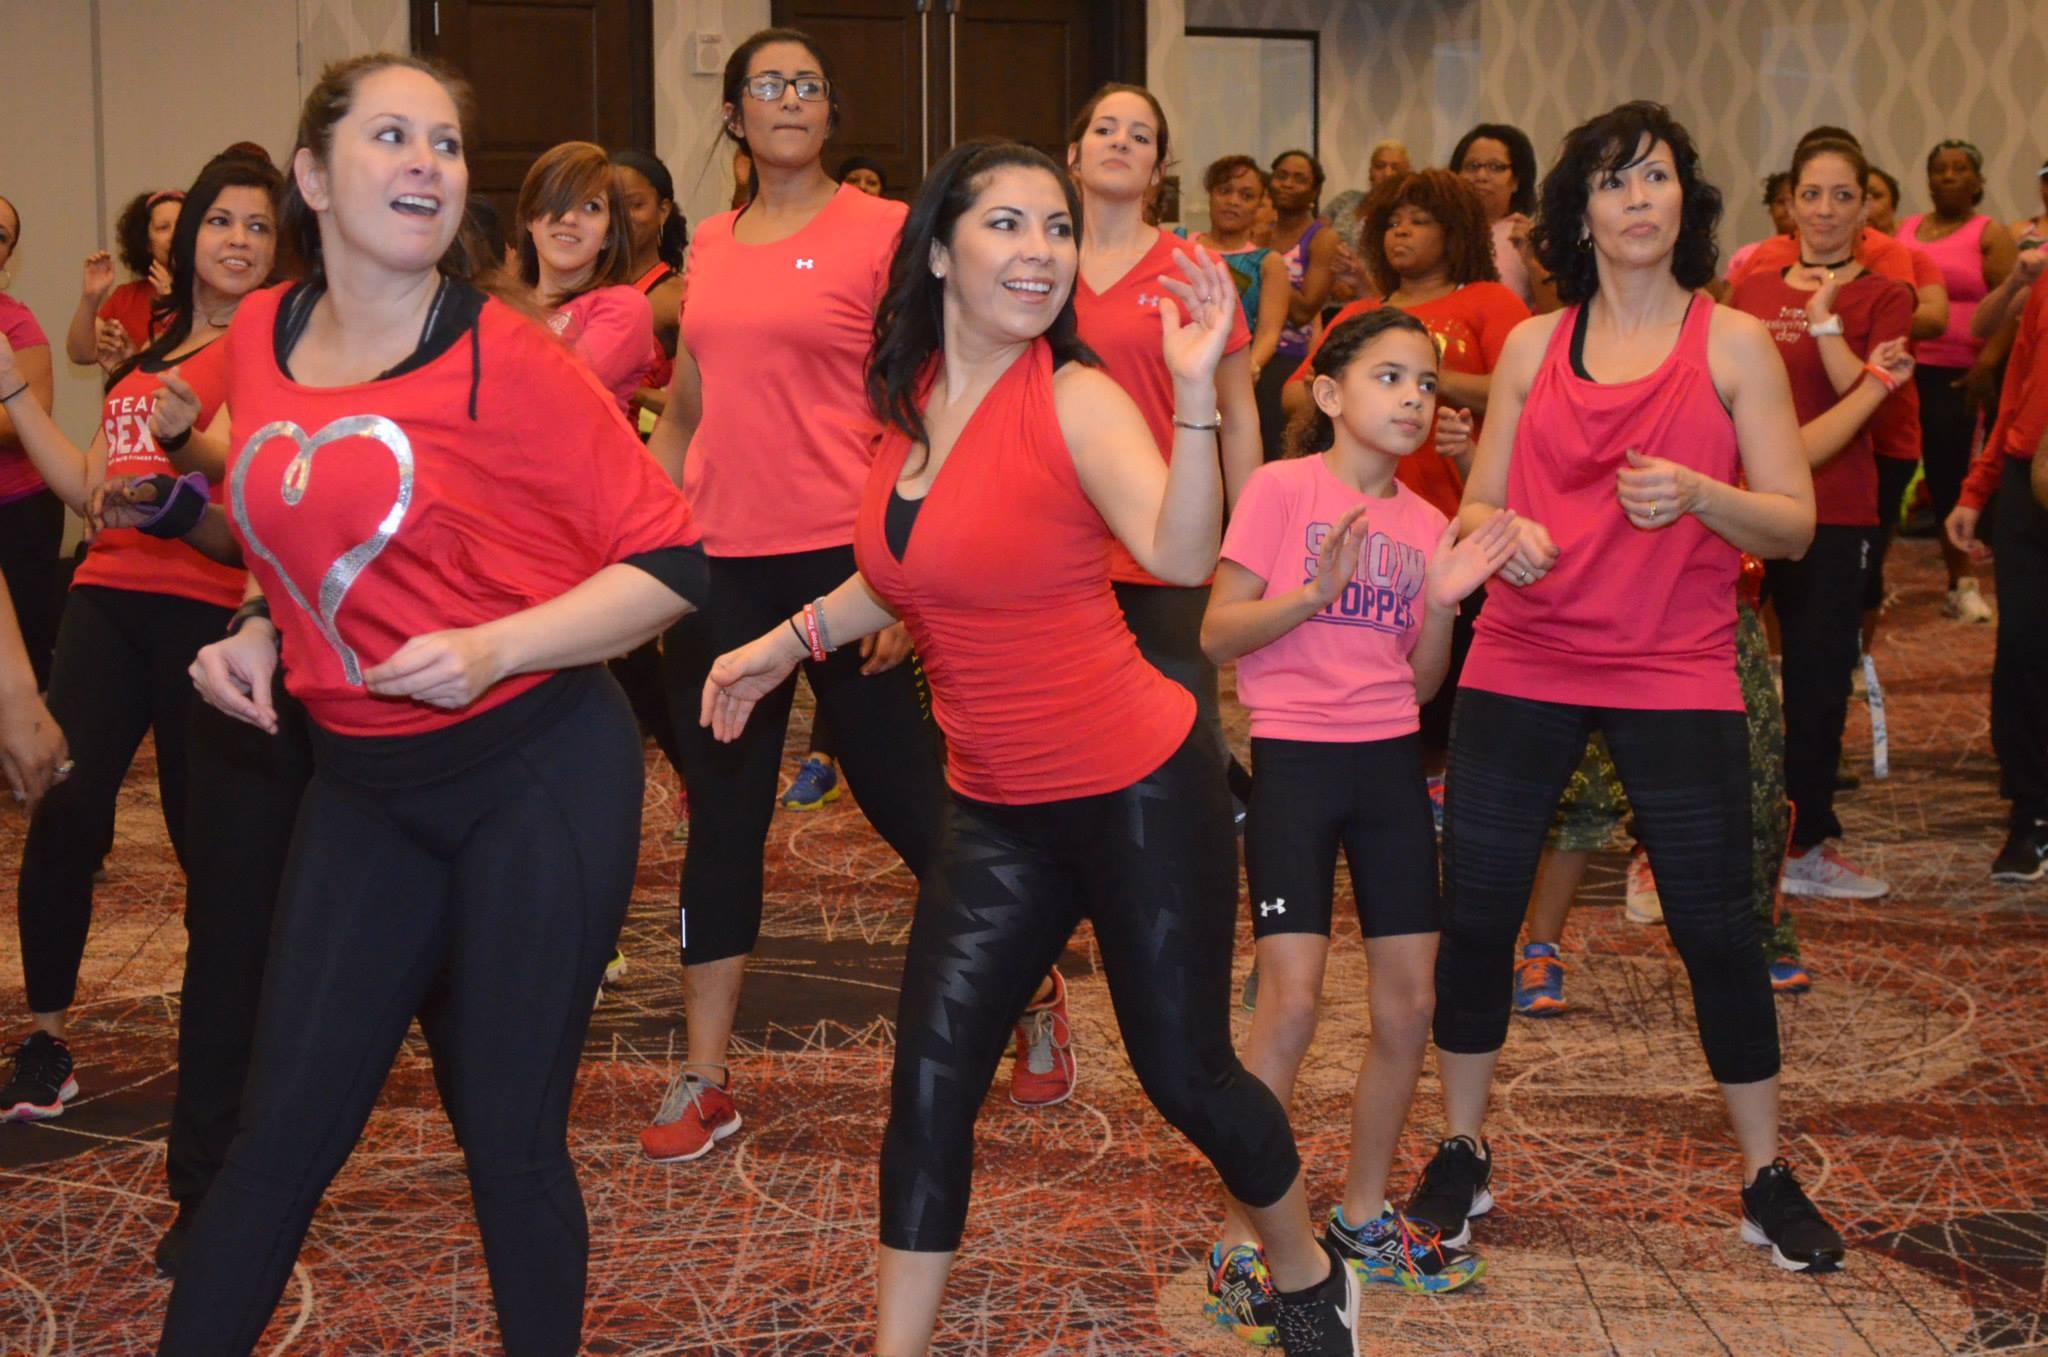 hips fitness valentines zumba dahrio wonder